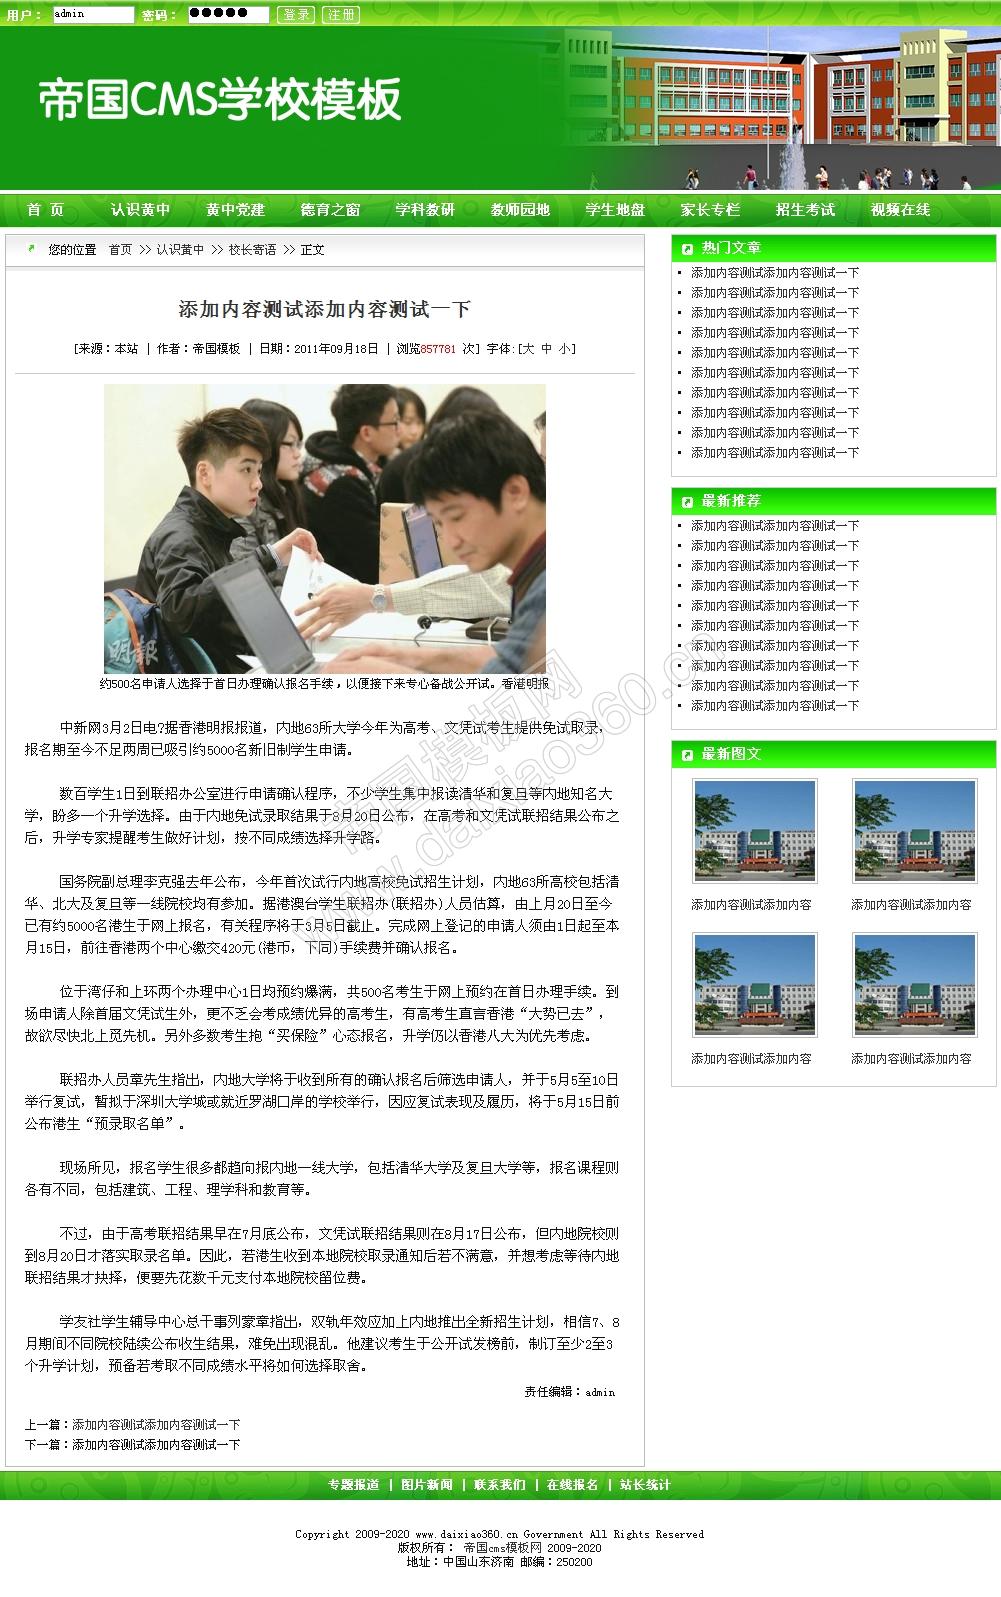 帝国学校模板帝国cms绿色学校网站程序模板_内容页